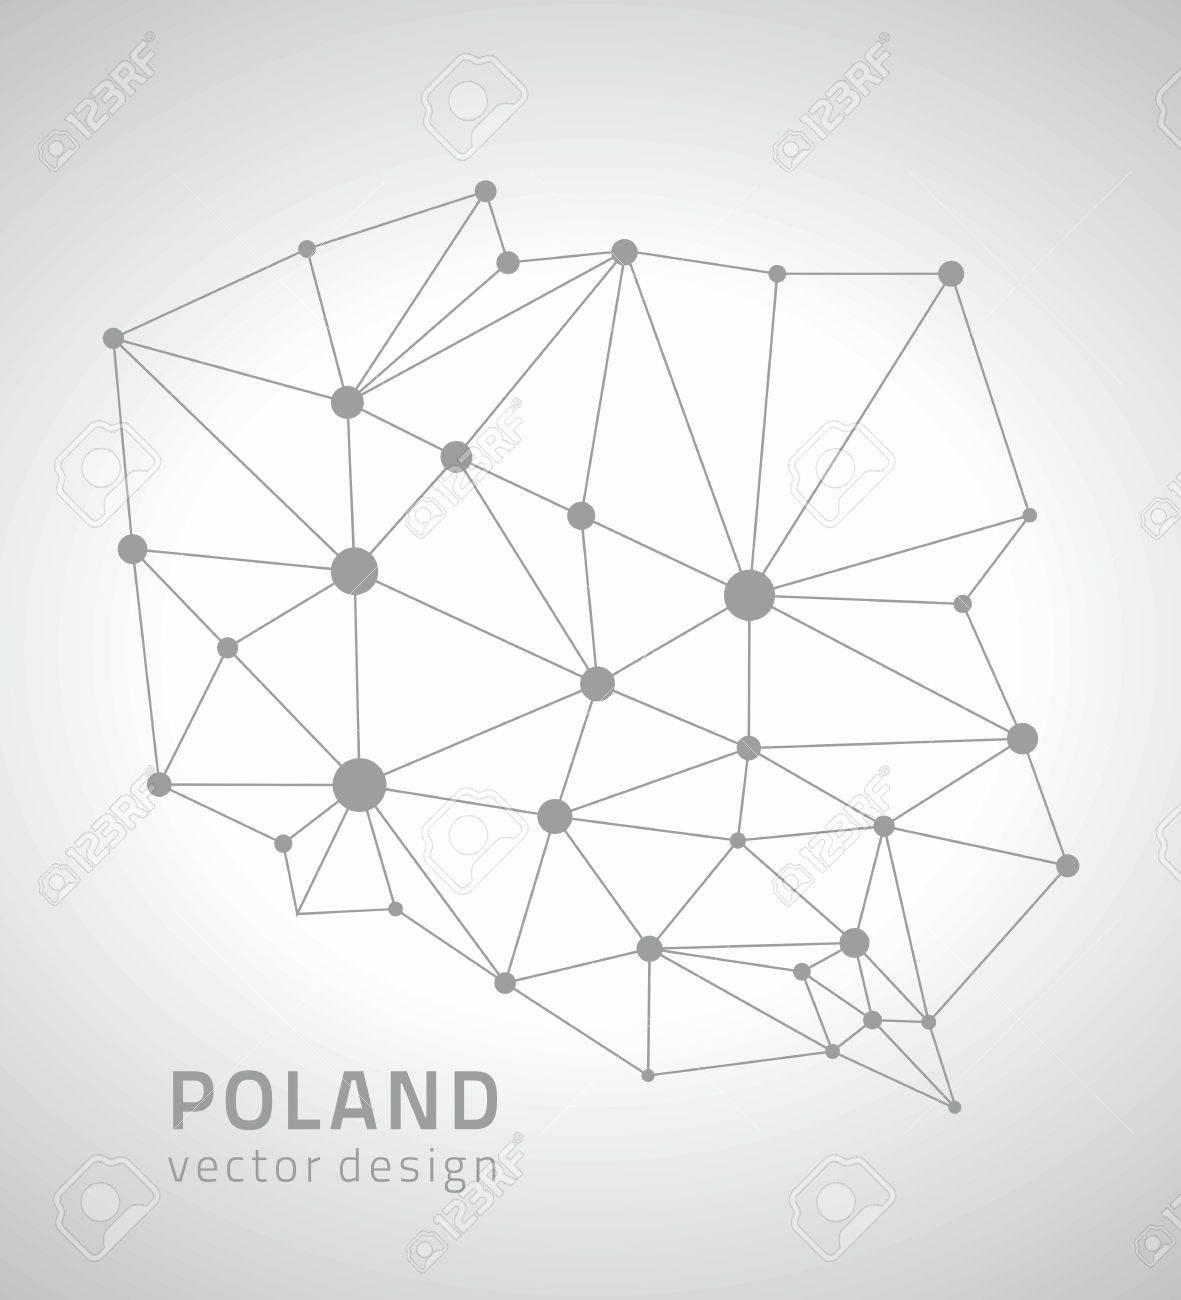 Poland gray contour vector map - 58994979